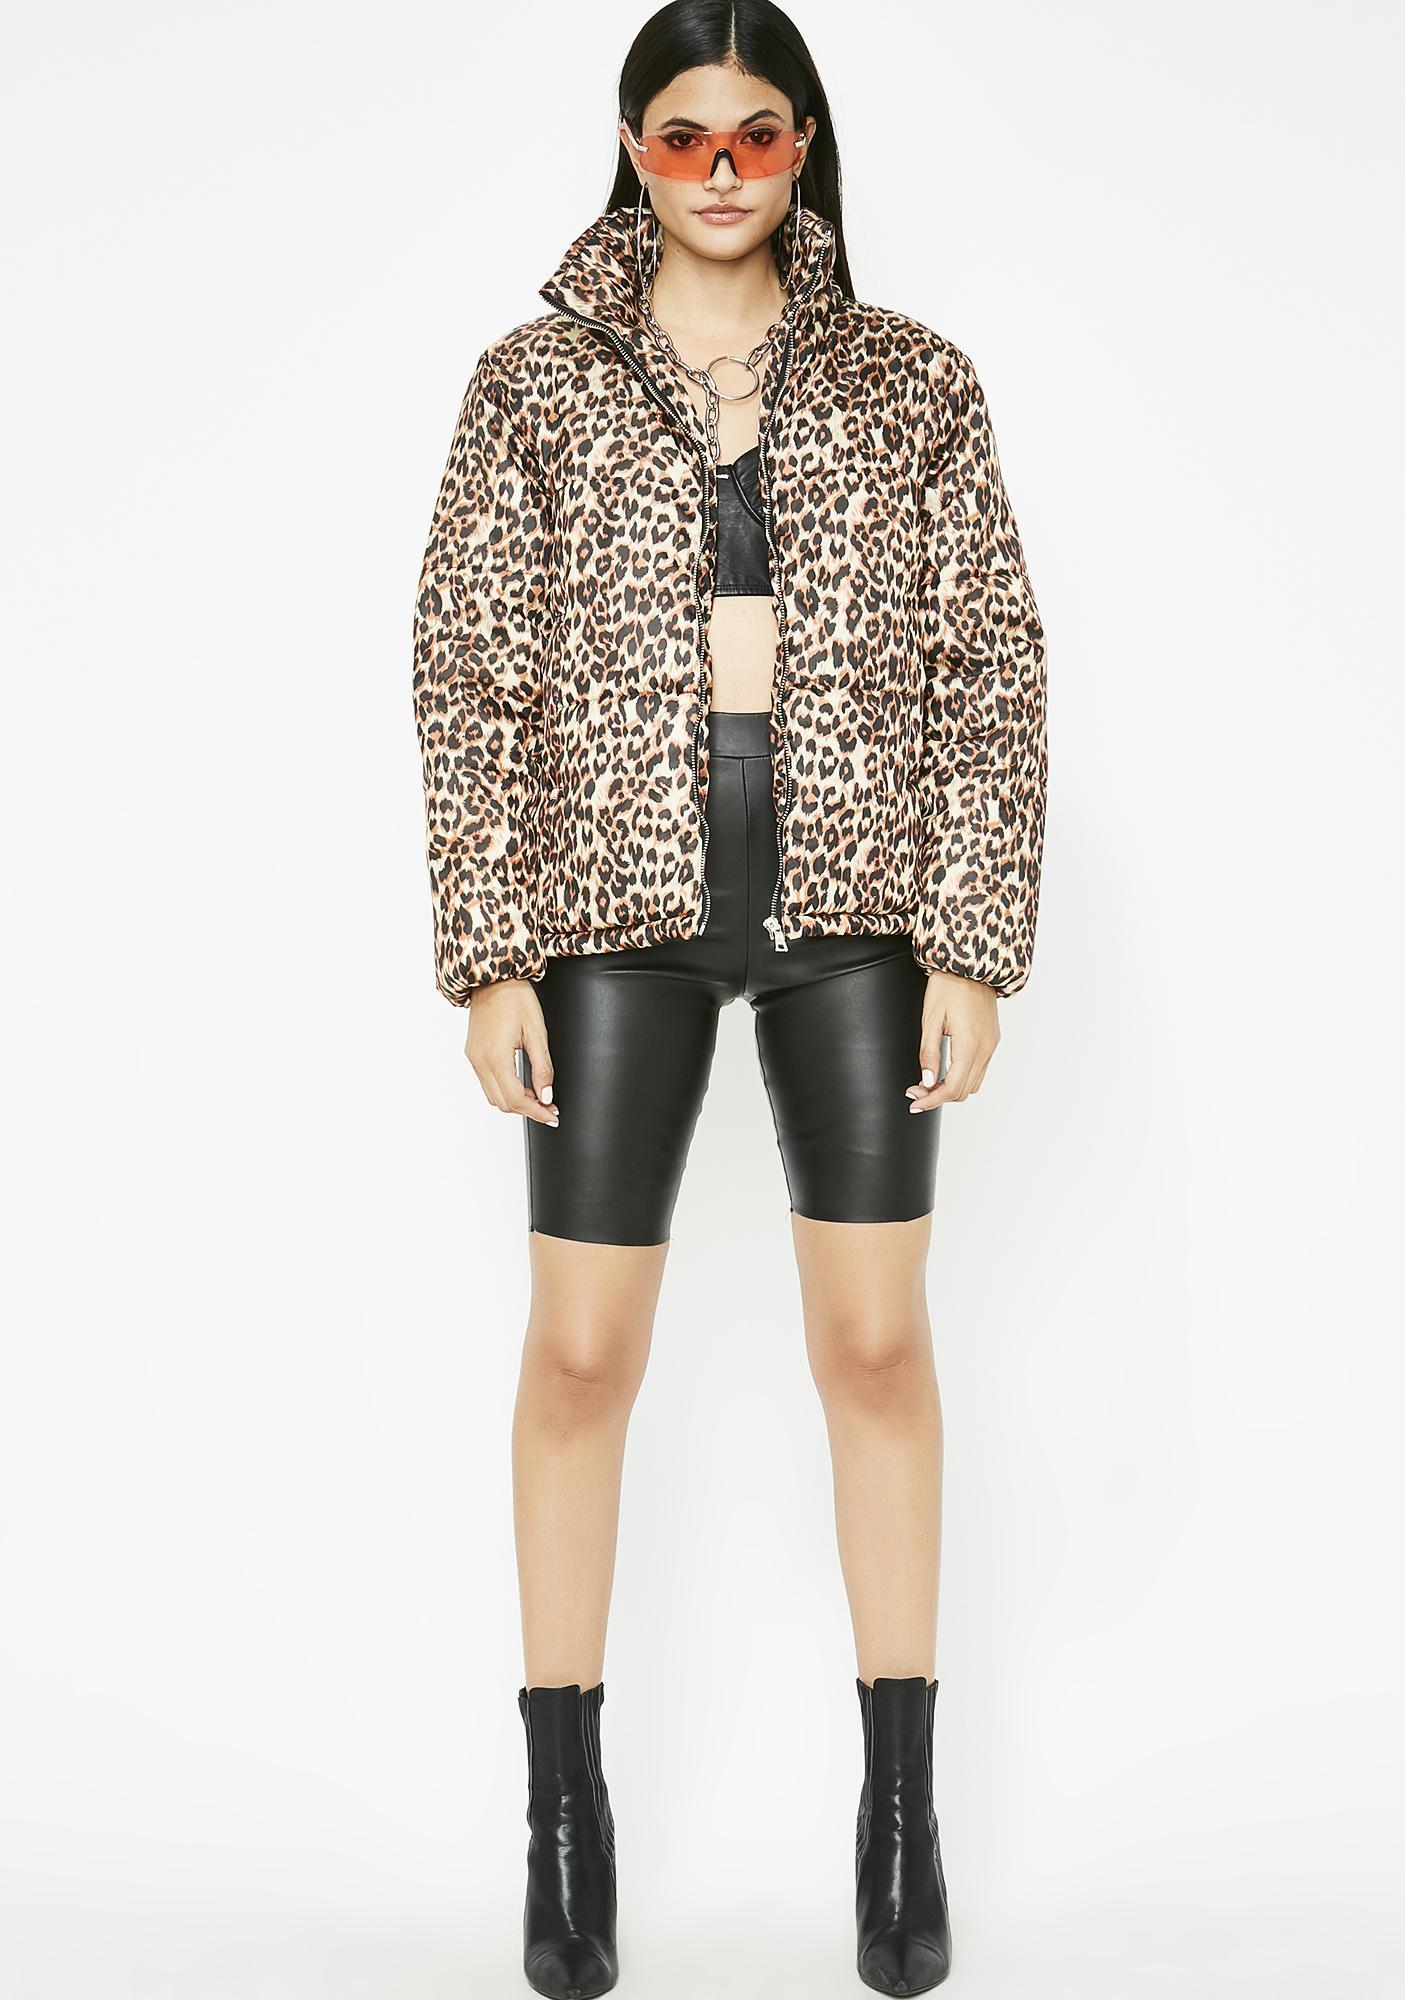 Frisky Behavior Leopard Jacket